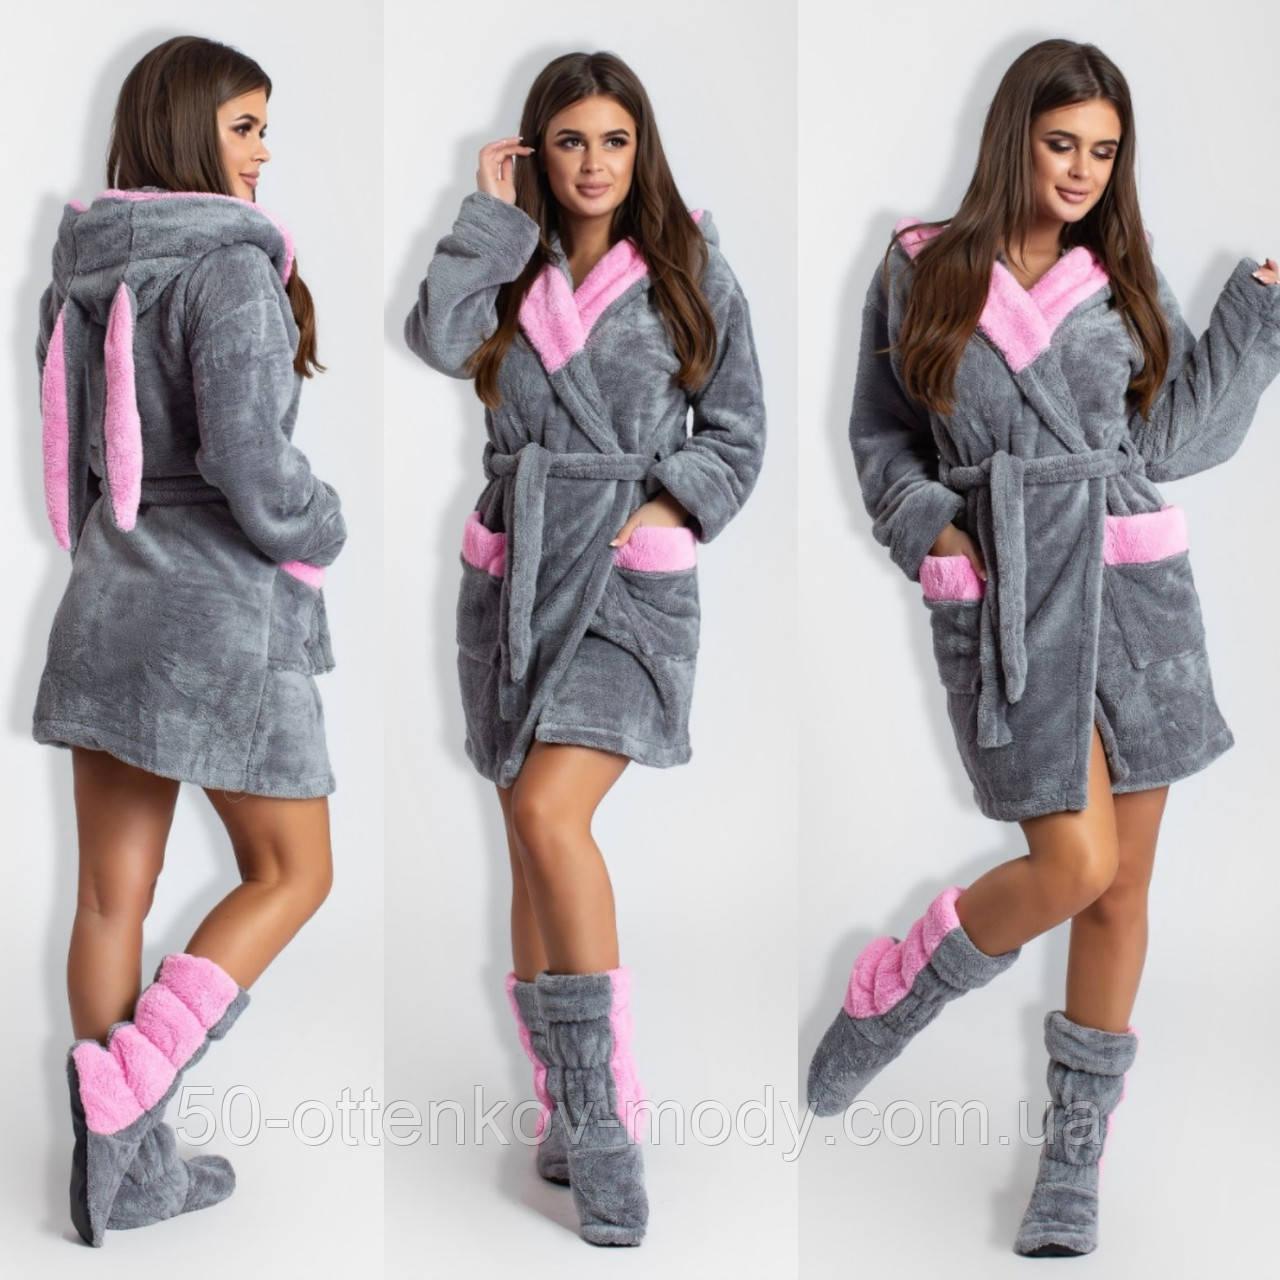 Жіночий набір: теплий махровий халат з вушками і чобітки (турецька махра) + великі розміри